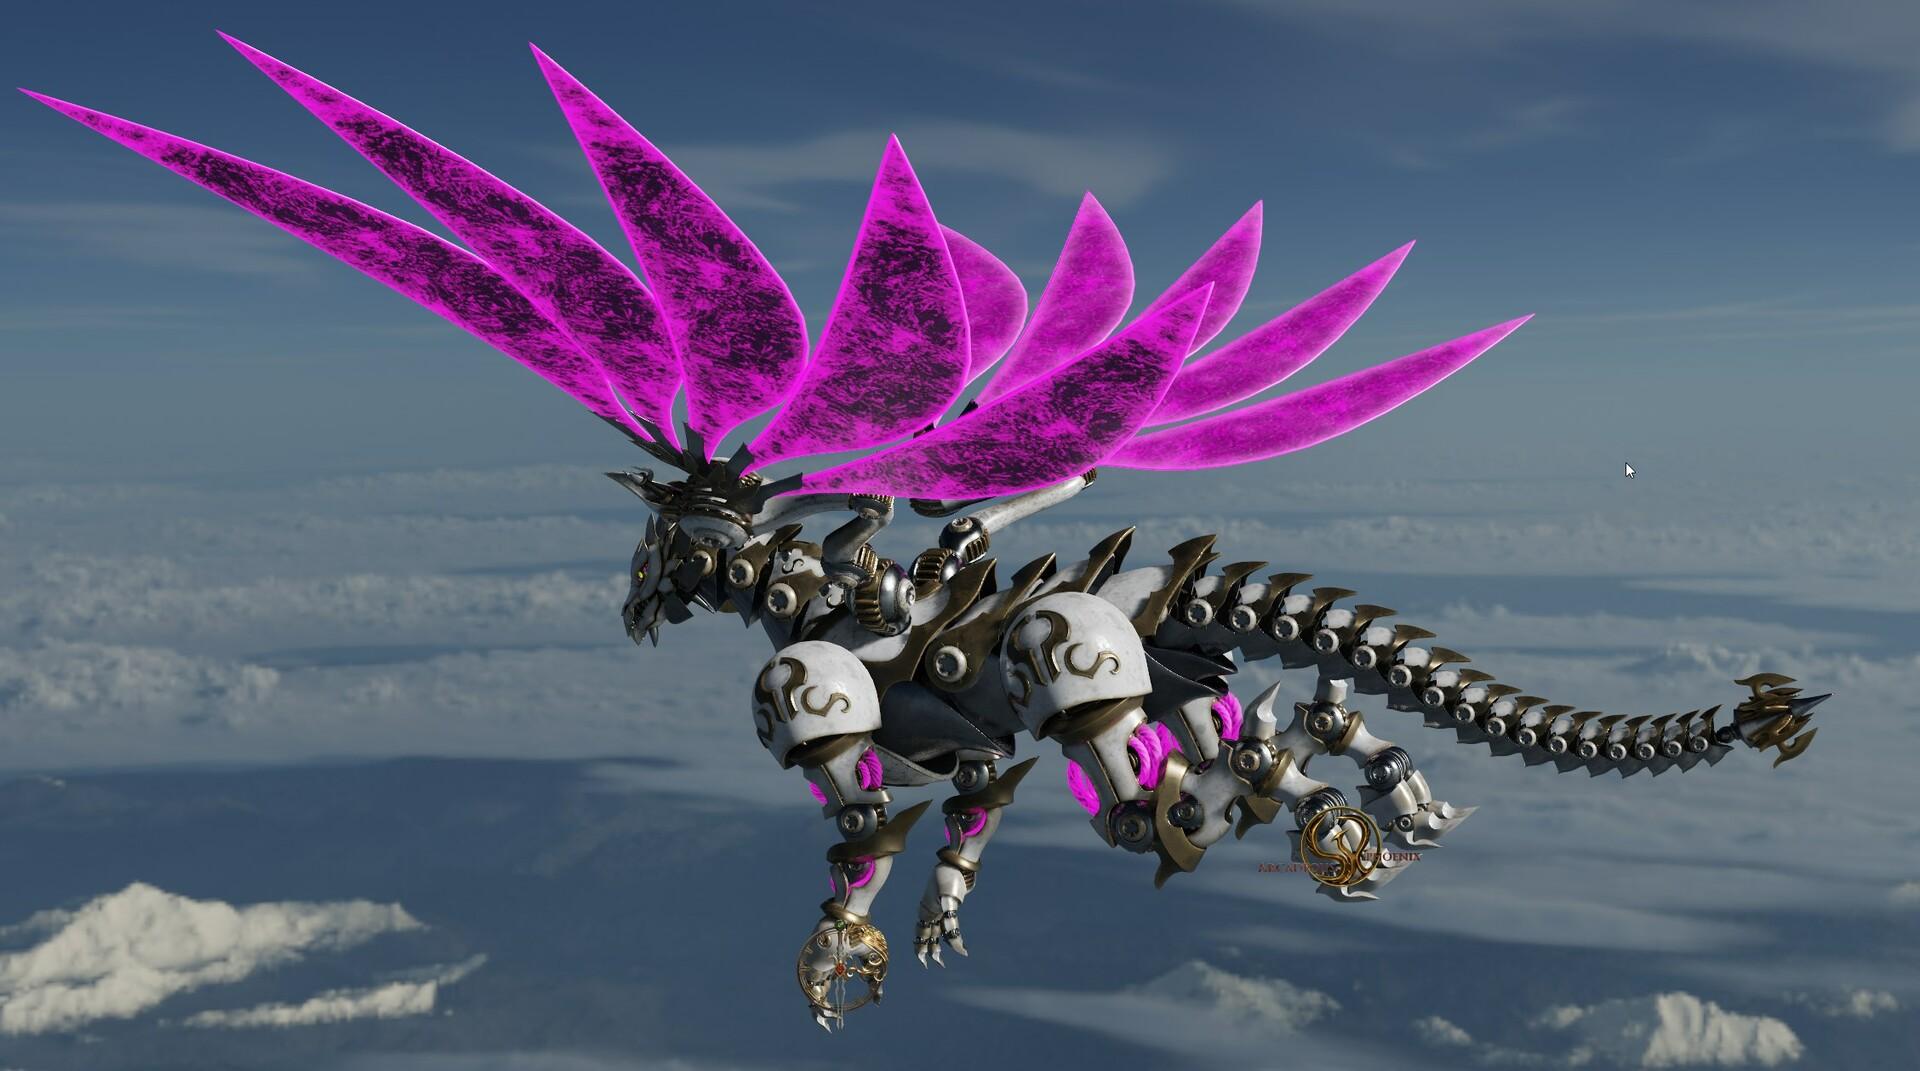 Arcadeous phoenix blender omu9pilwt2